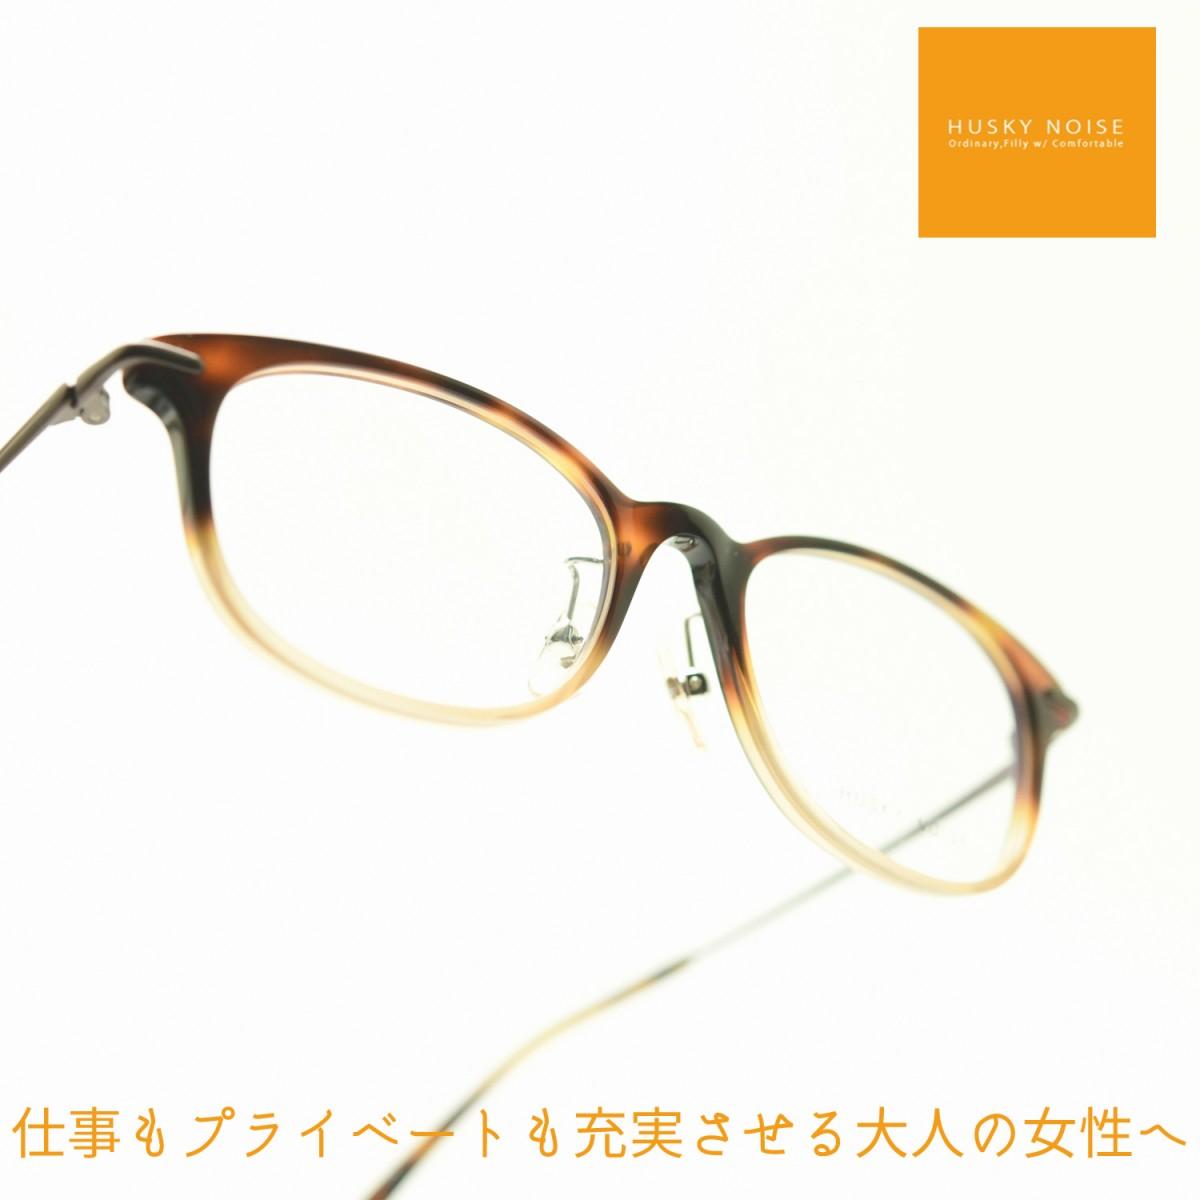 HUSKY NOISE ハスキーノイズH-158 col-10メガネ 眼鏡 めがね メンズ レディース おしゃれ ブランド 人気 おすすめ フレーム 流行り 度付き レンズ